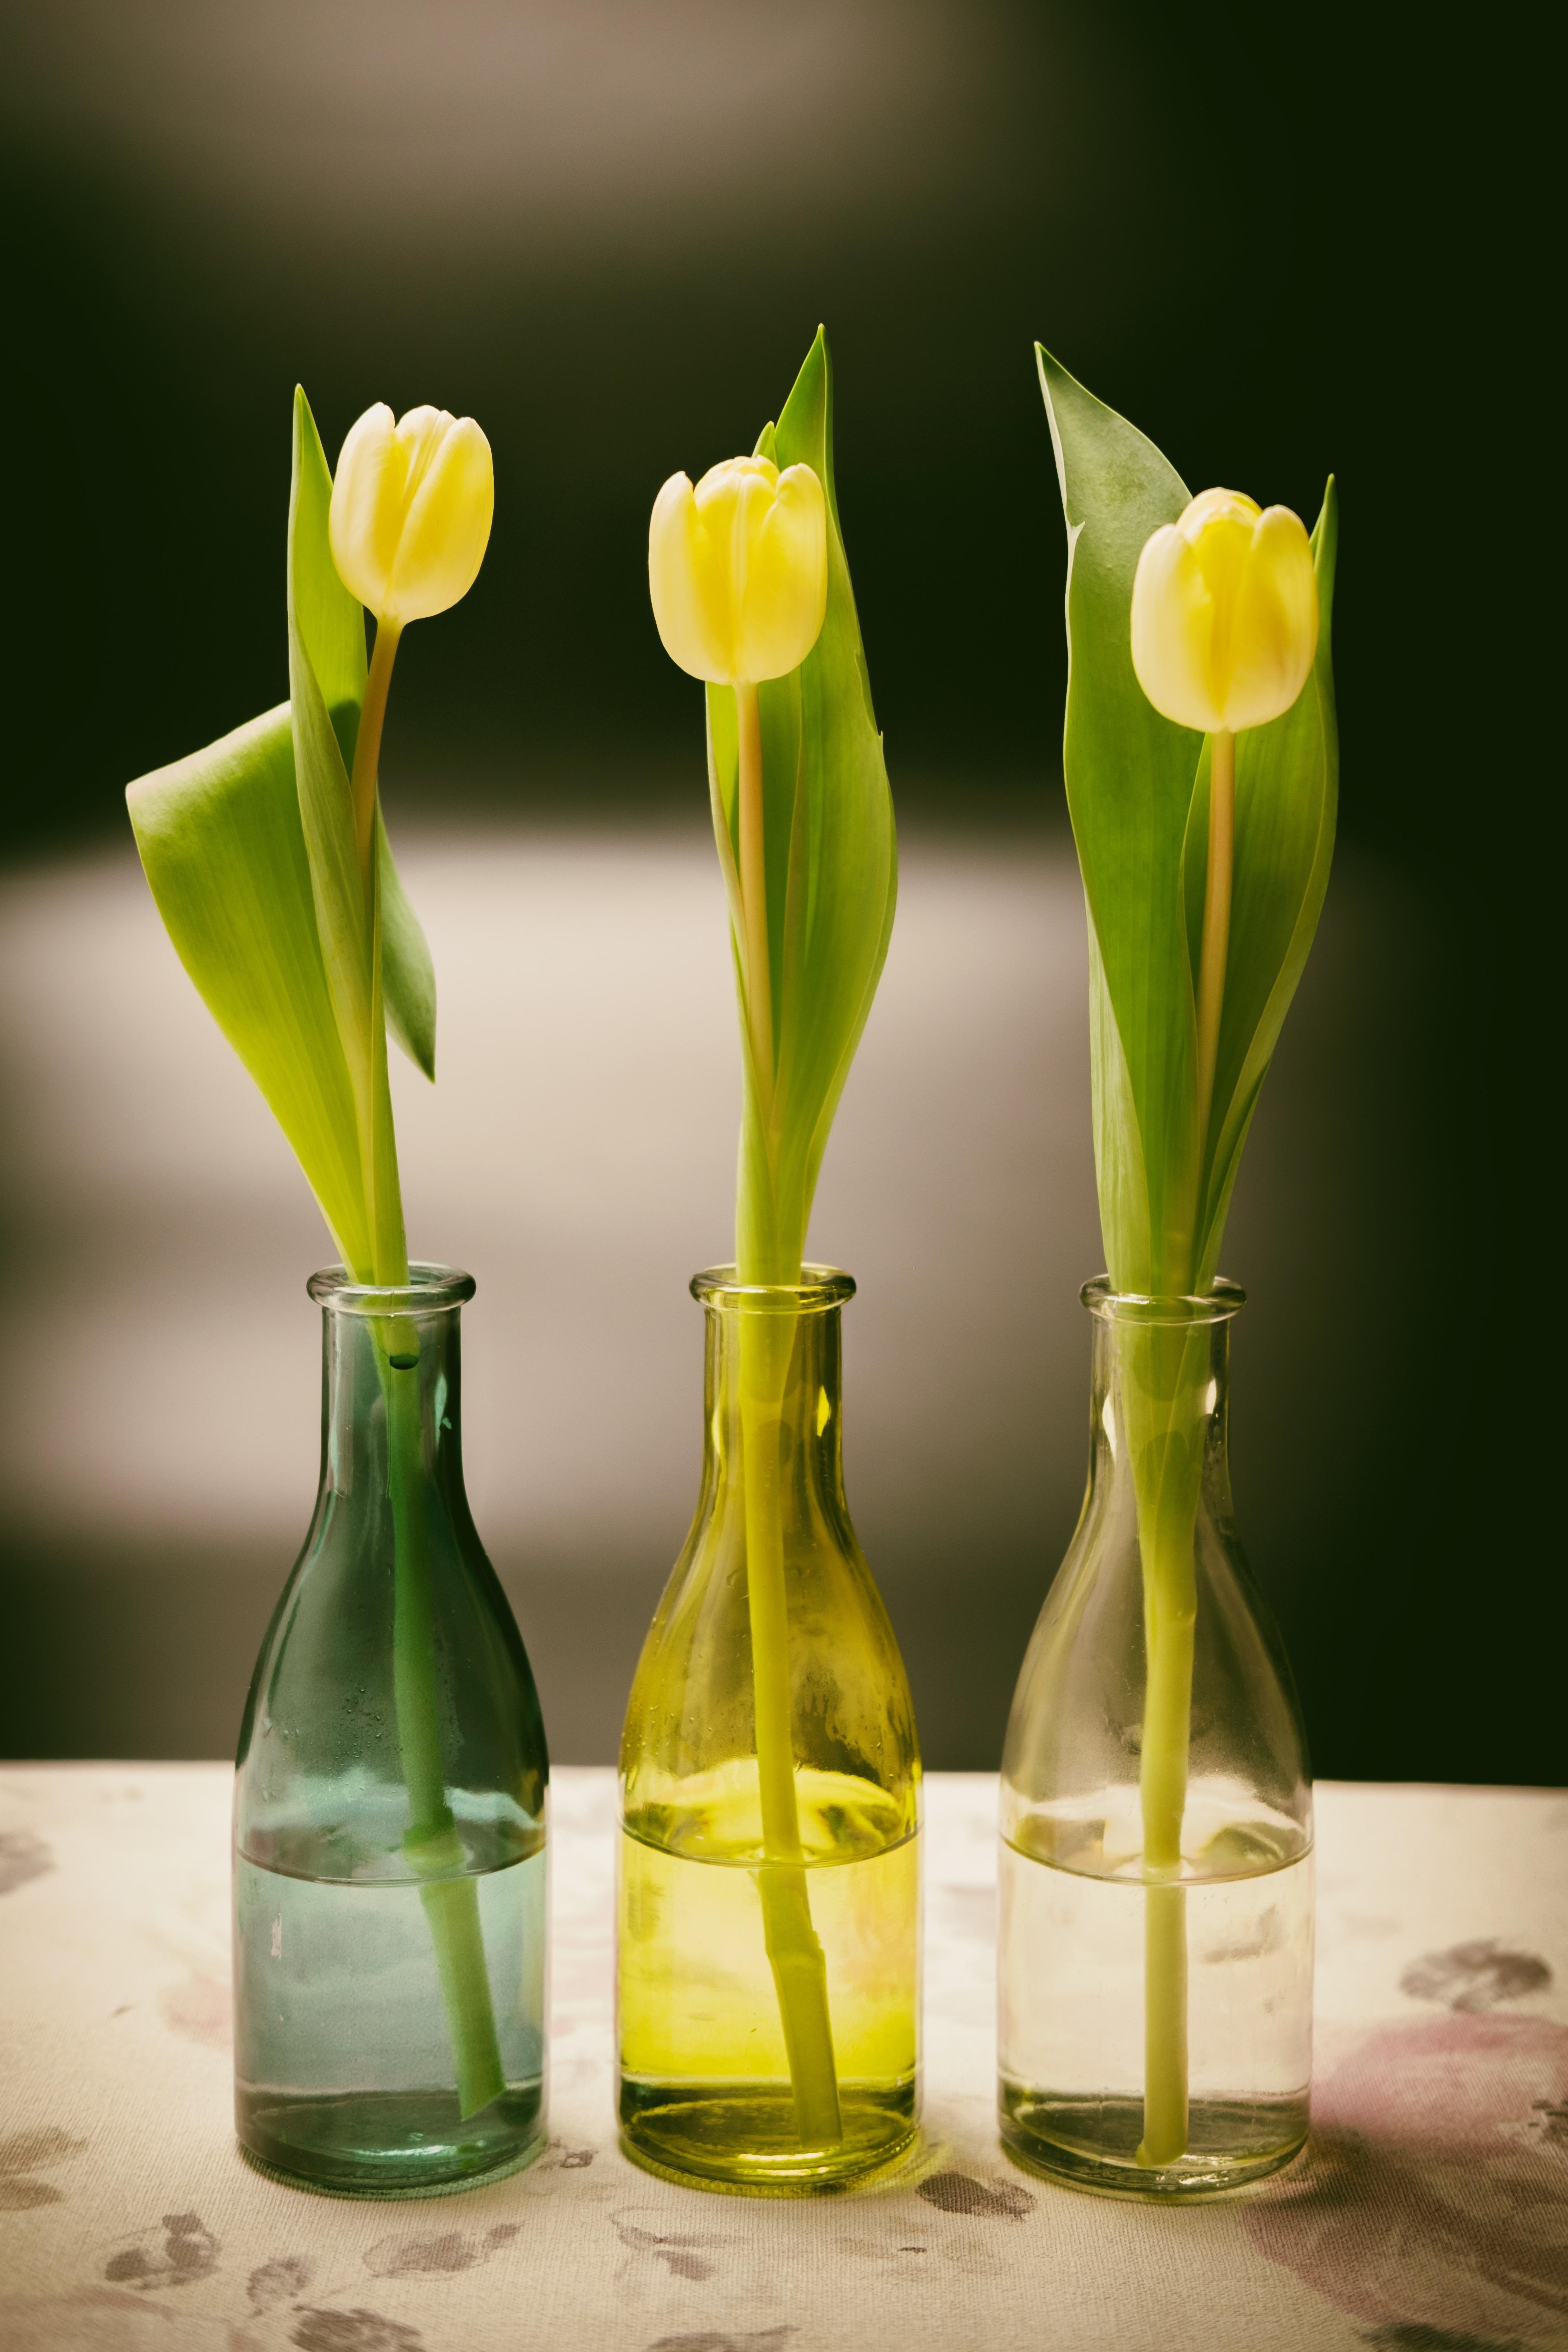 74596 Hintergrundbild herunterladen Tulpen, Blumen, Vase, Frühling, Flasche, Flaschen - Bildschirmschoner und Bilder kostenlos